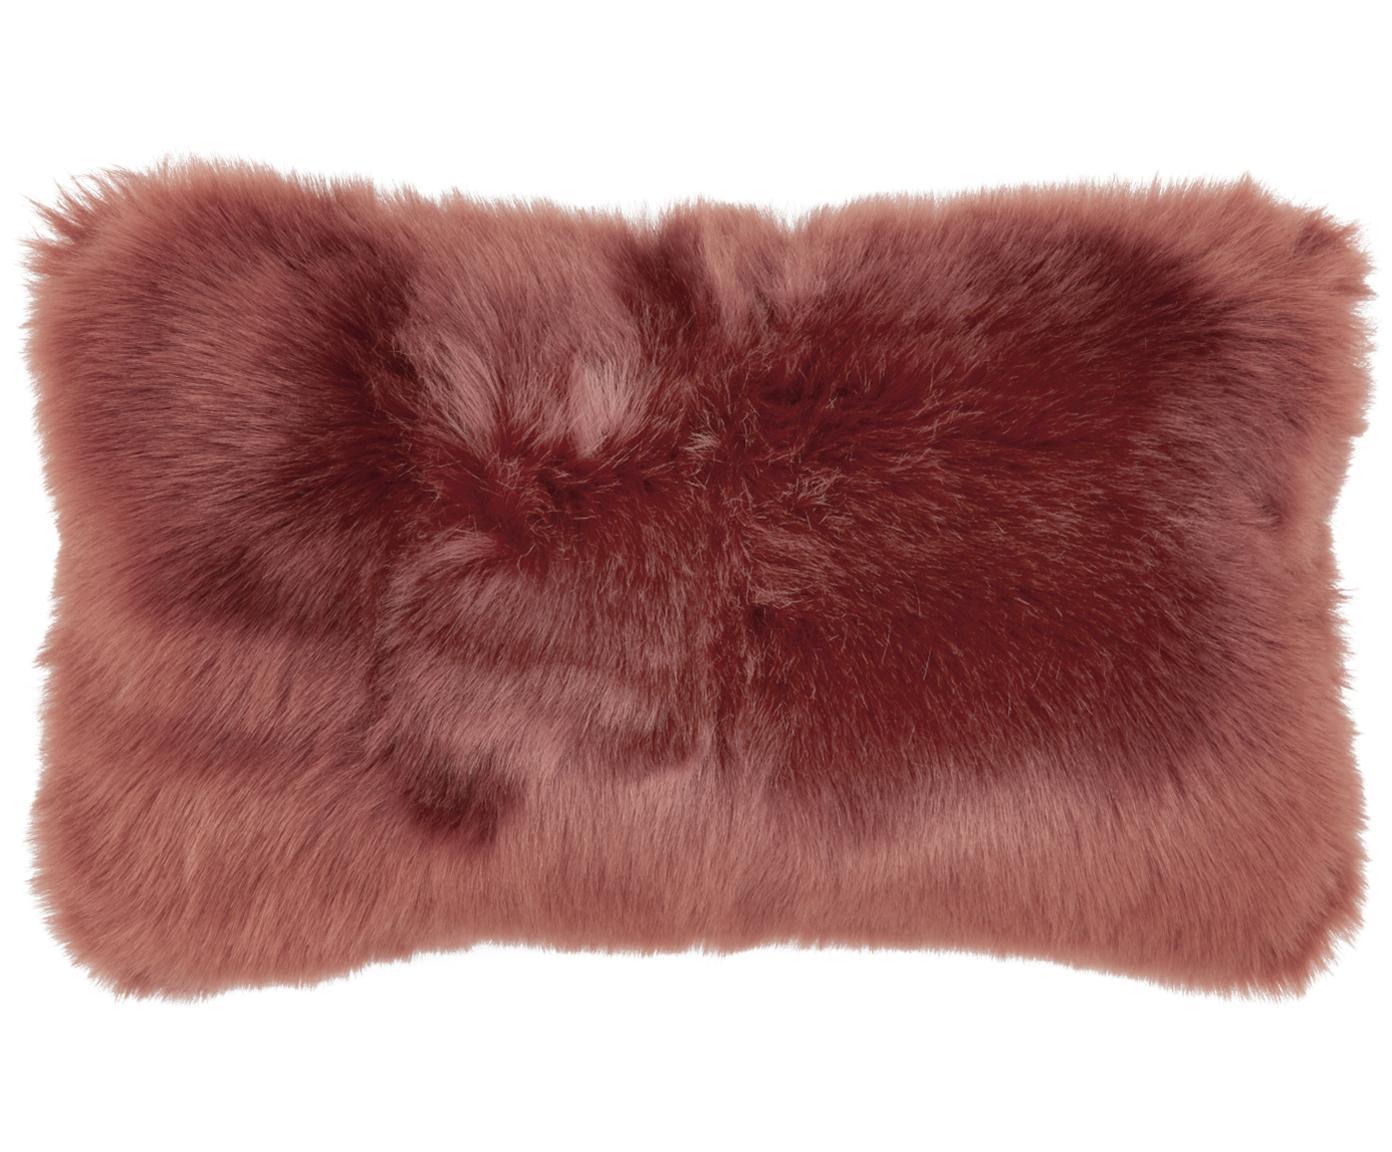 Poszewka na poduszkę ze sztucznego futra Mathilde, gładka, Terakota, S 30 x D 50 cm